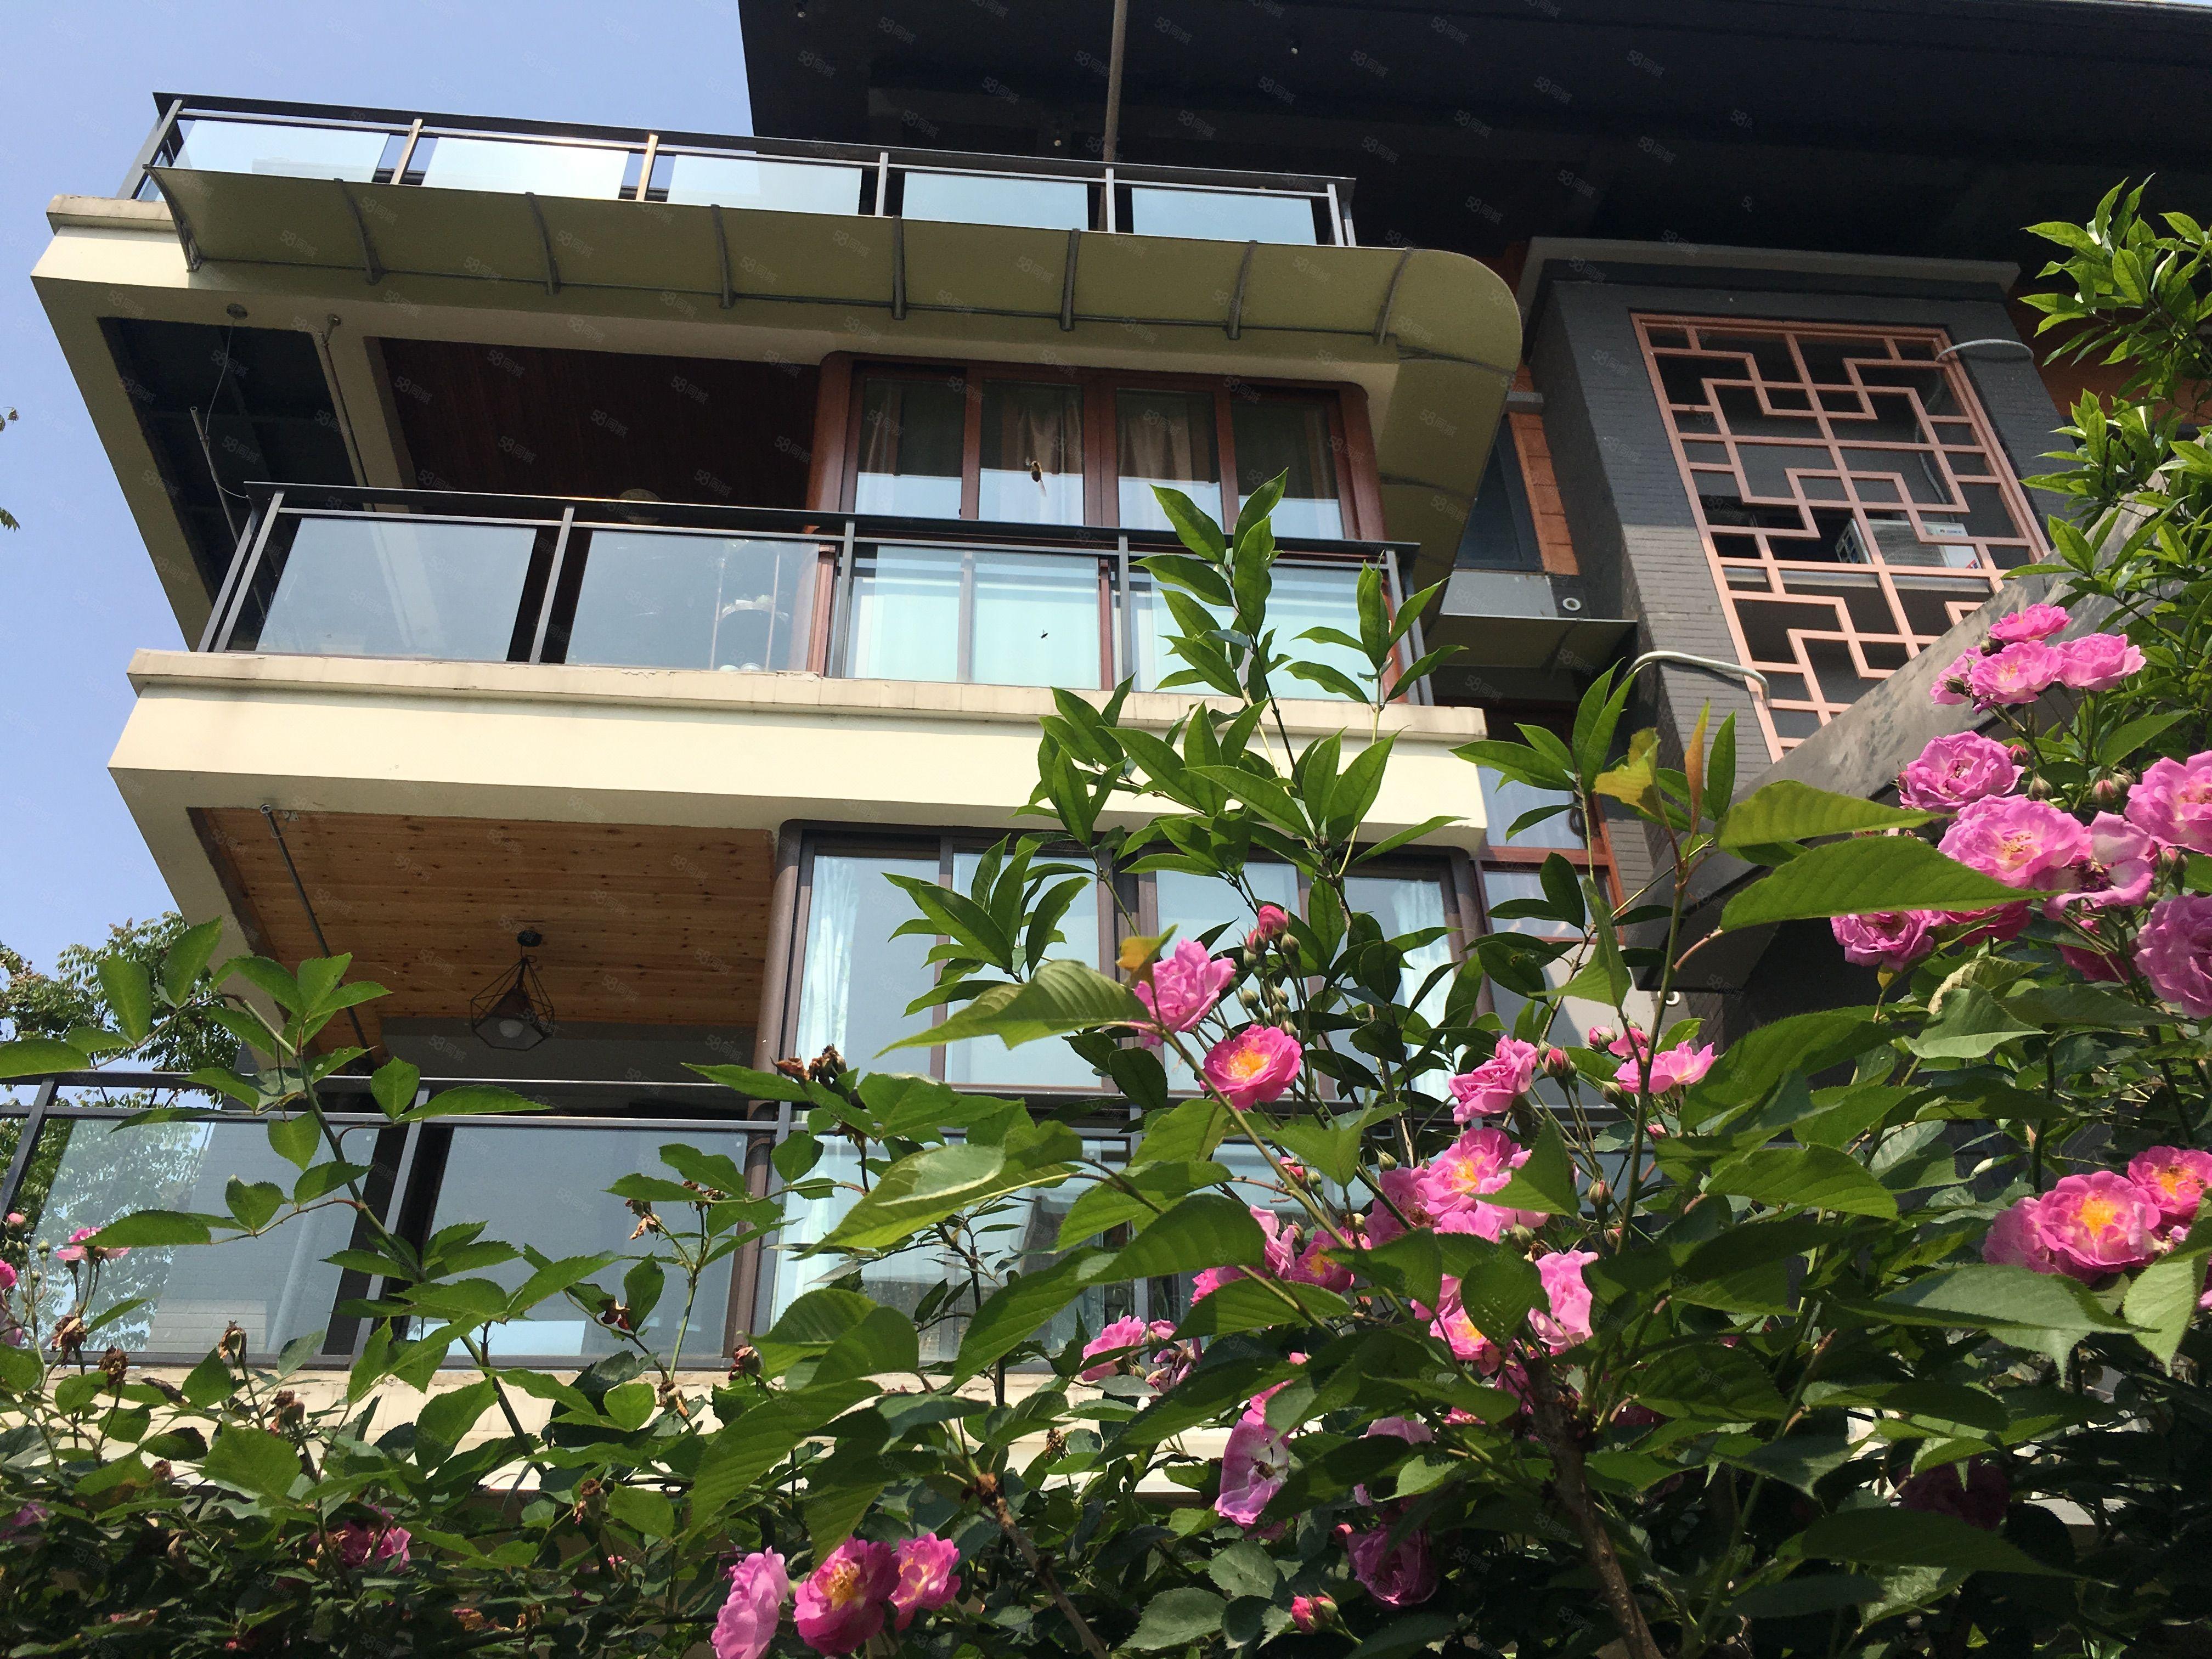 中铁集团打造洋房,顶跃带大露台精装修带家居家电,大露台大露台